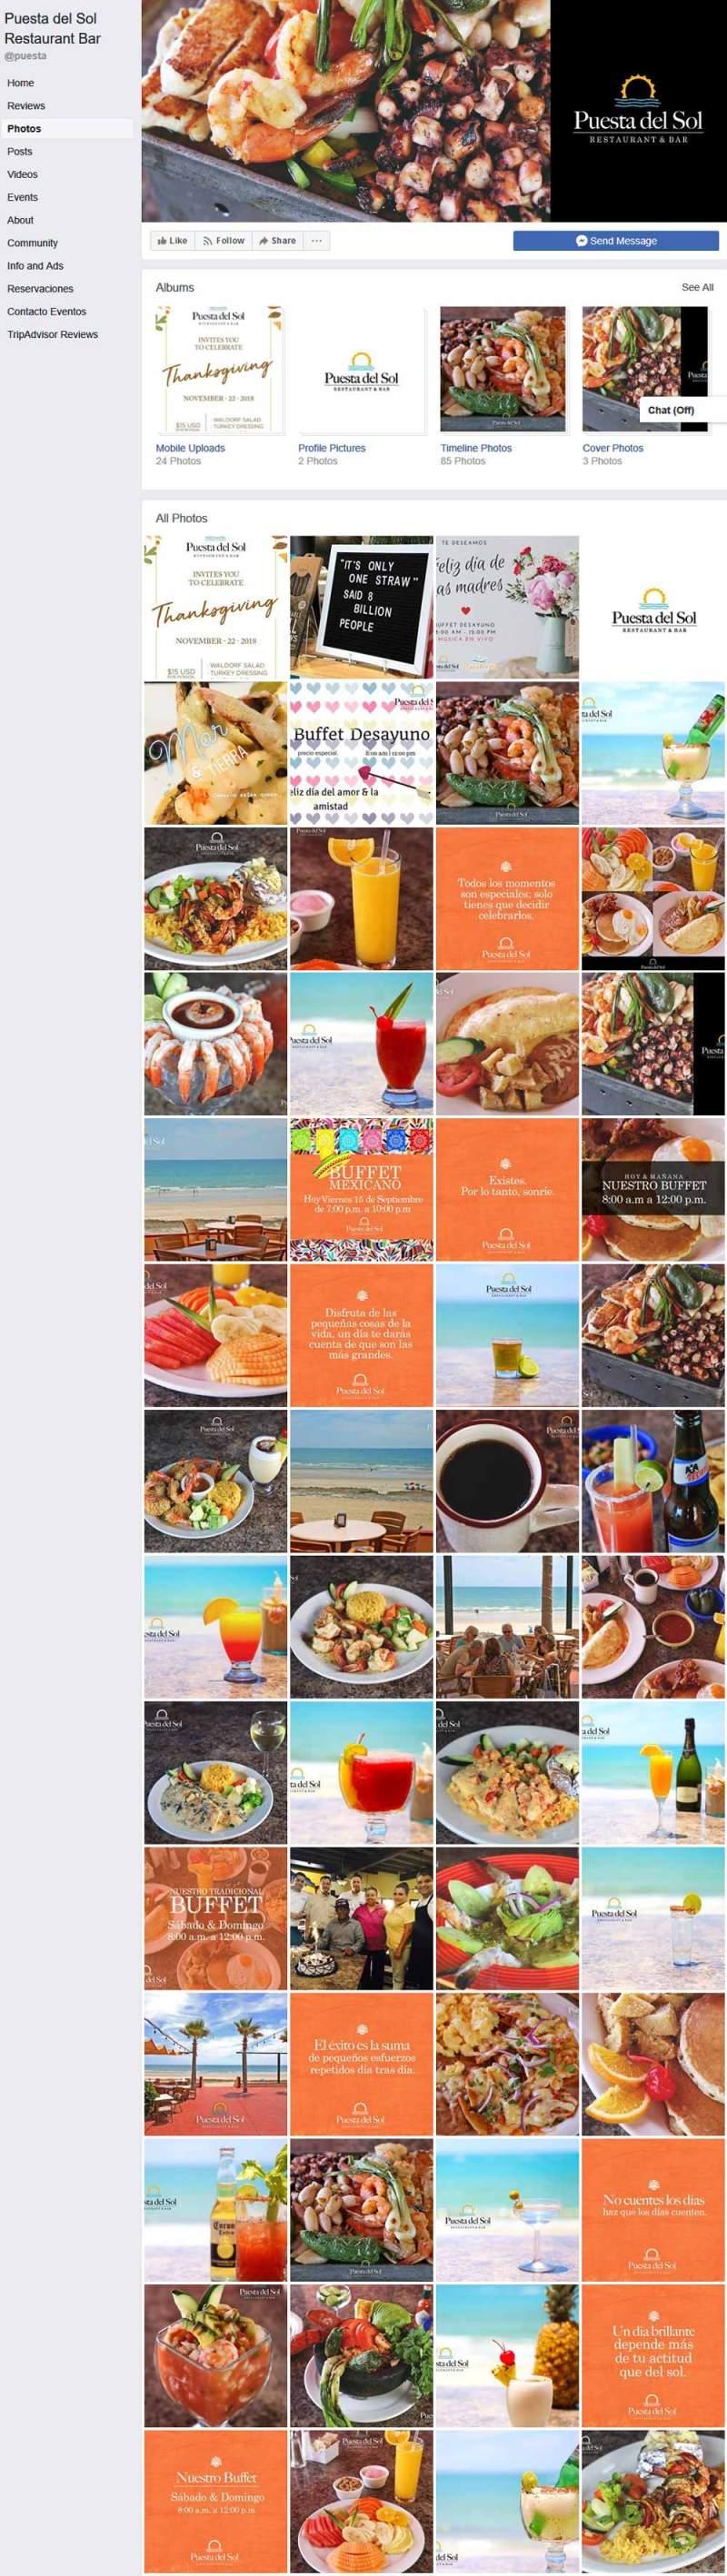 Puesta Del Sol Restaurant in Puerto Penasco (Rocky Point Mexico). Click here to visit the Puesta Del Sol's website.